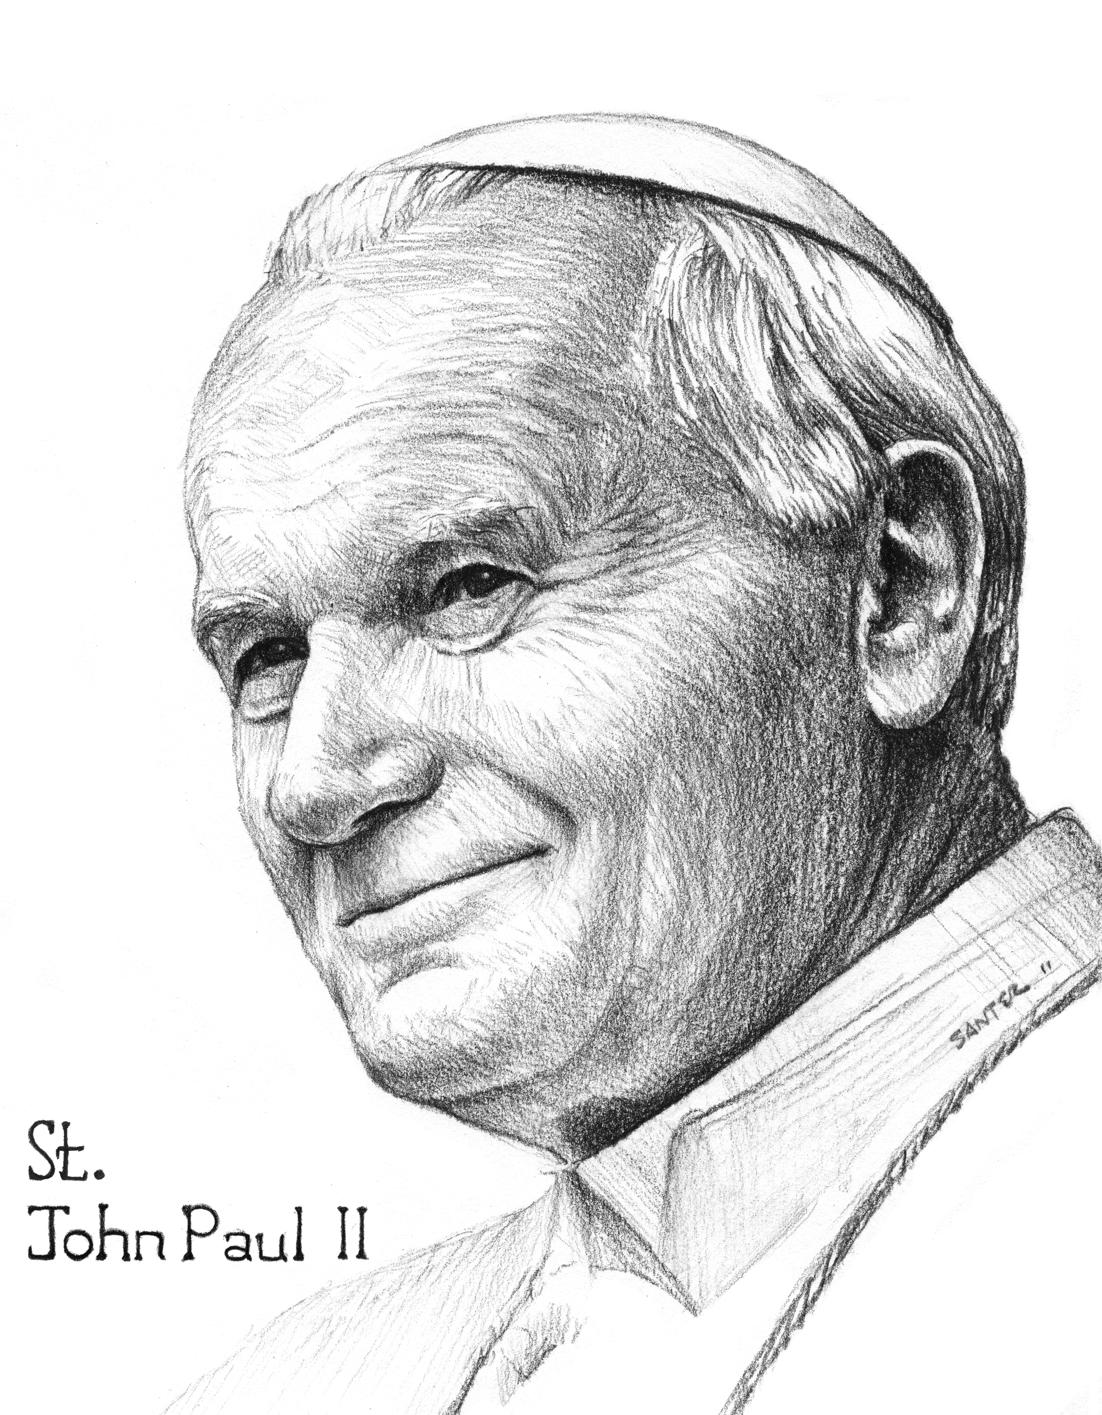 St. John Paul II.jpg